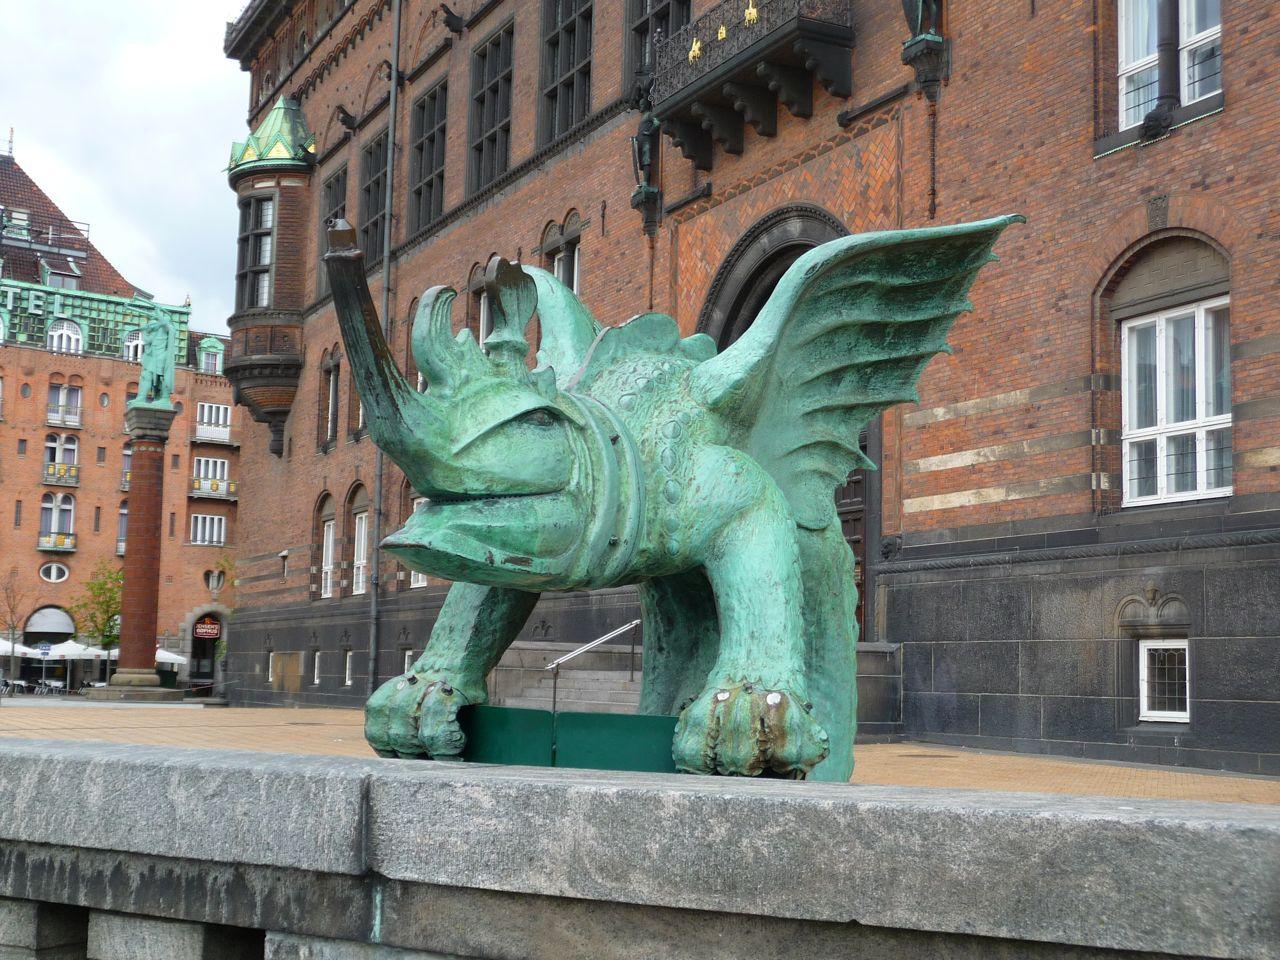 Meeting a Friend in Copenhagen